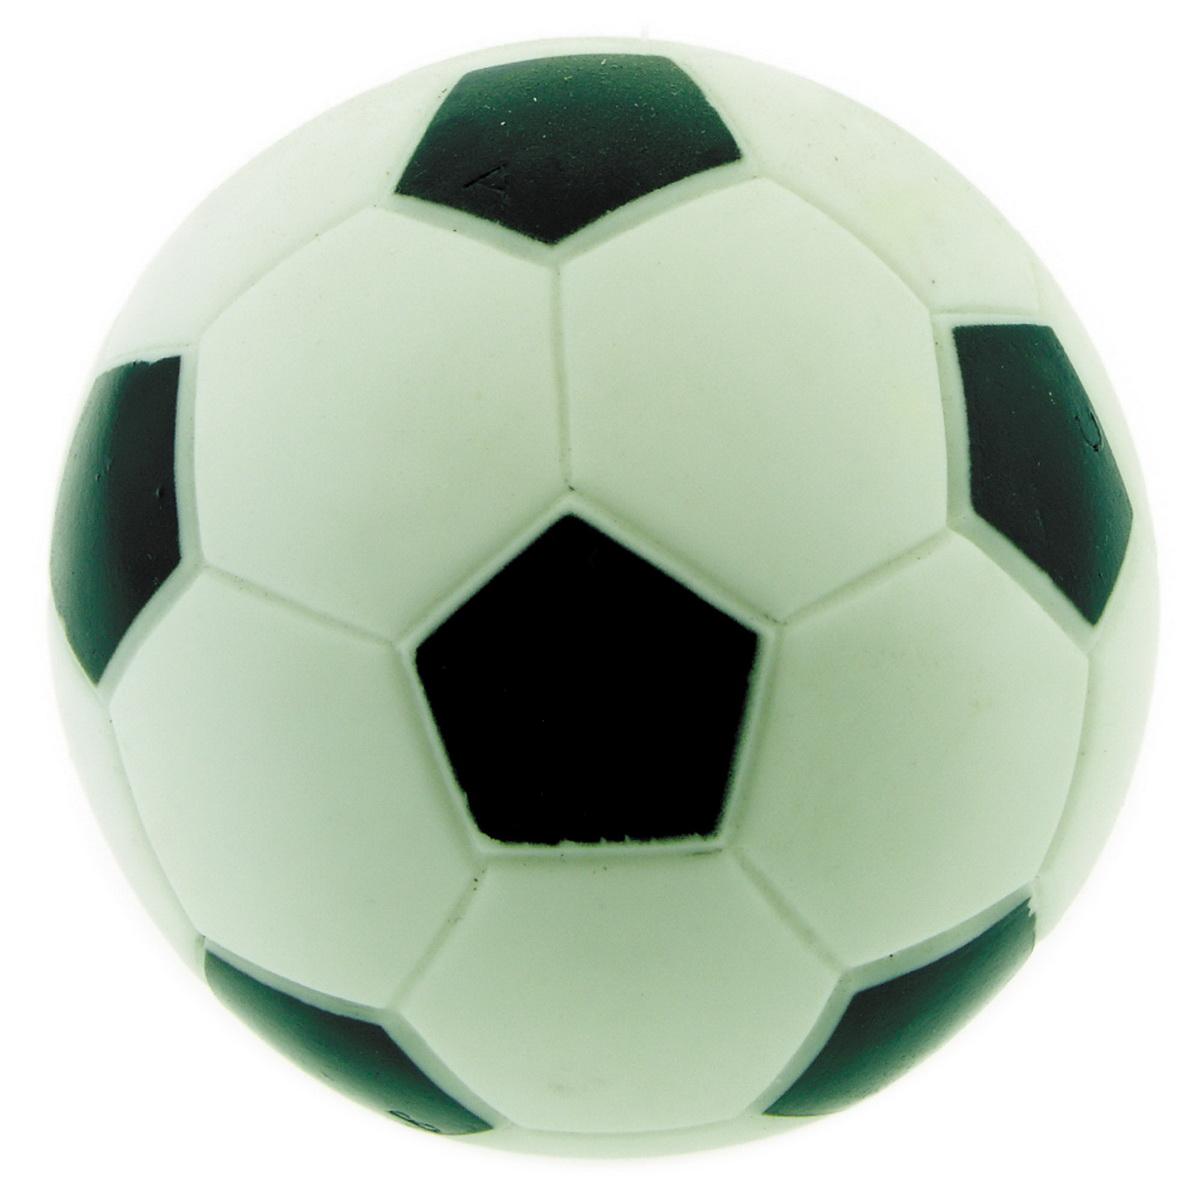 Игрушка для собак Dezzie Мяч. Футбол, диаметр 7,8 см0120710Игрушка для собак Dezzie Мяч. Футбол изготовлена из винила в виде футбольного мяча. Такая игрушка практична, функциональна и совершенно безопасна для здоровья животного. Ее легко мыть и дезинфицировать. Игрушка очень легкая, поэтому собаке совсем нетрудно брать ее в пасть и переносить с места на место. Игрушка для собак Dezzie Мяч. Футбол станет прекрасным подарком для неугомонного четвероногого питомца.Диаметр мяча: 7,8 см.